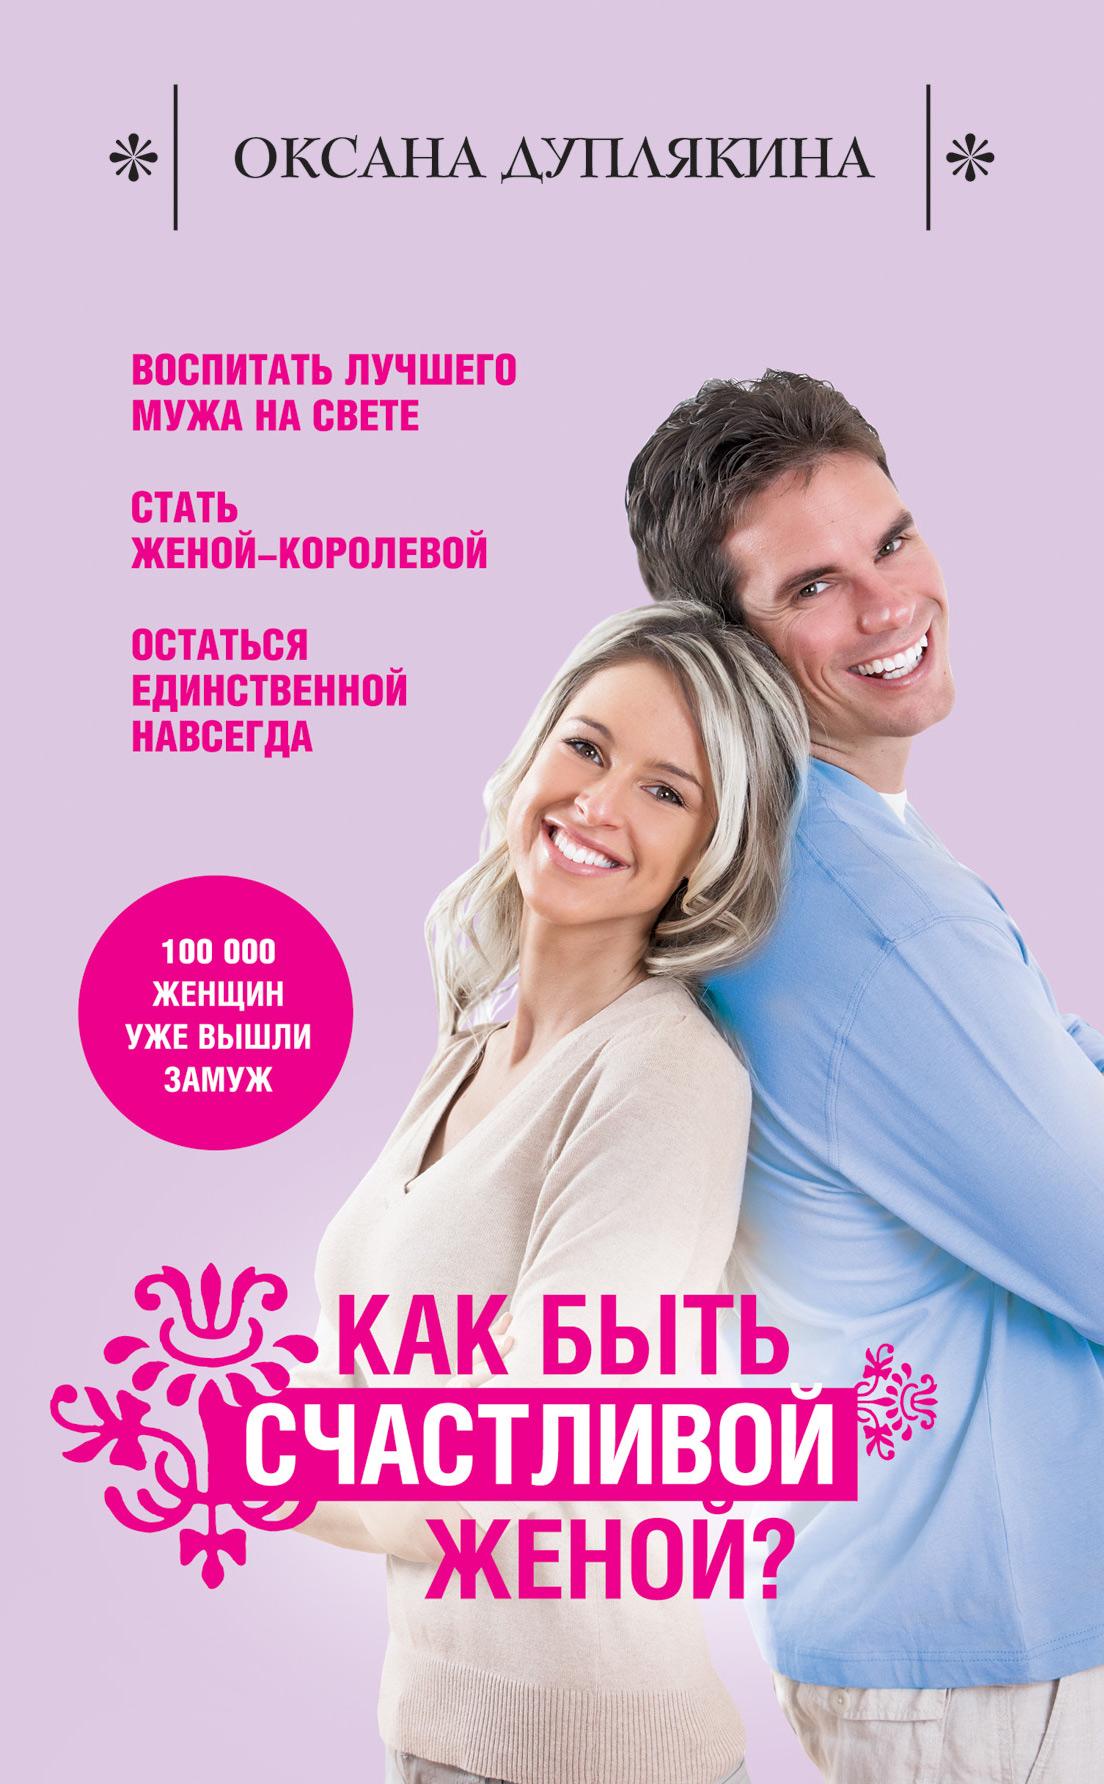 Оксана Дуплякина Как быть счастливой женой? сакугава юми антипечальки невероятно простые способы сделать свою жизнь красивой и счастливой